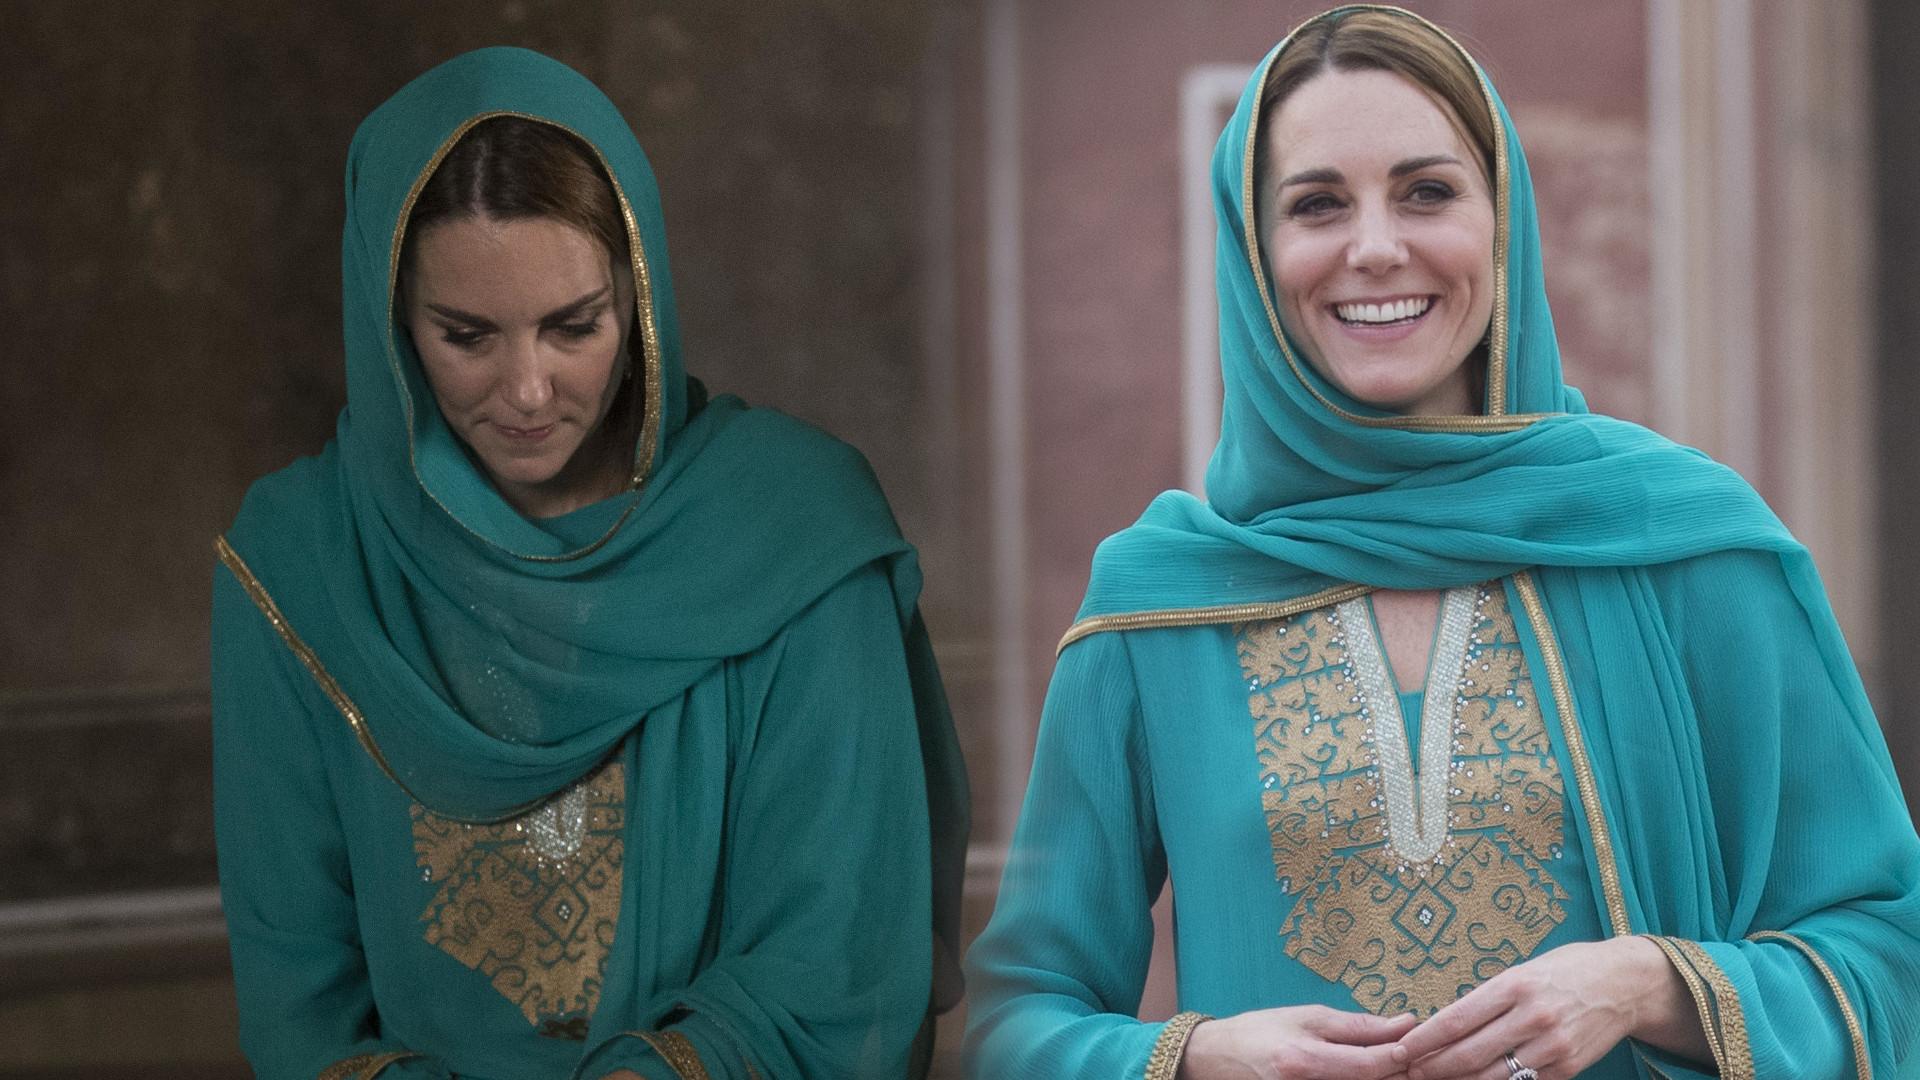 Księżna Kate w meczecie – mamy rzadką okazję zobaczyć jej STOPY (ZDJĘCIA)